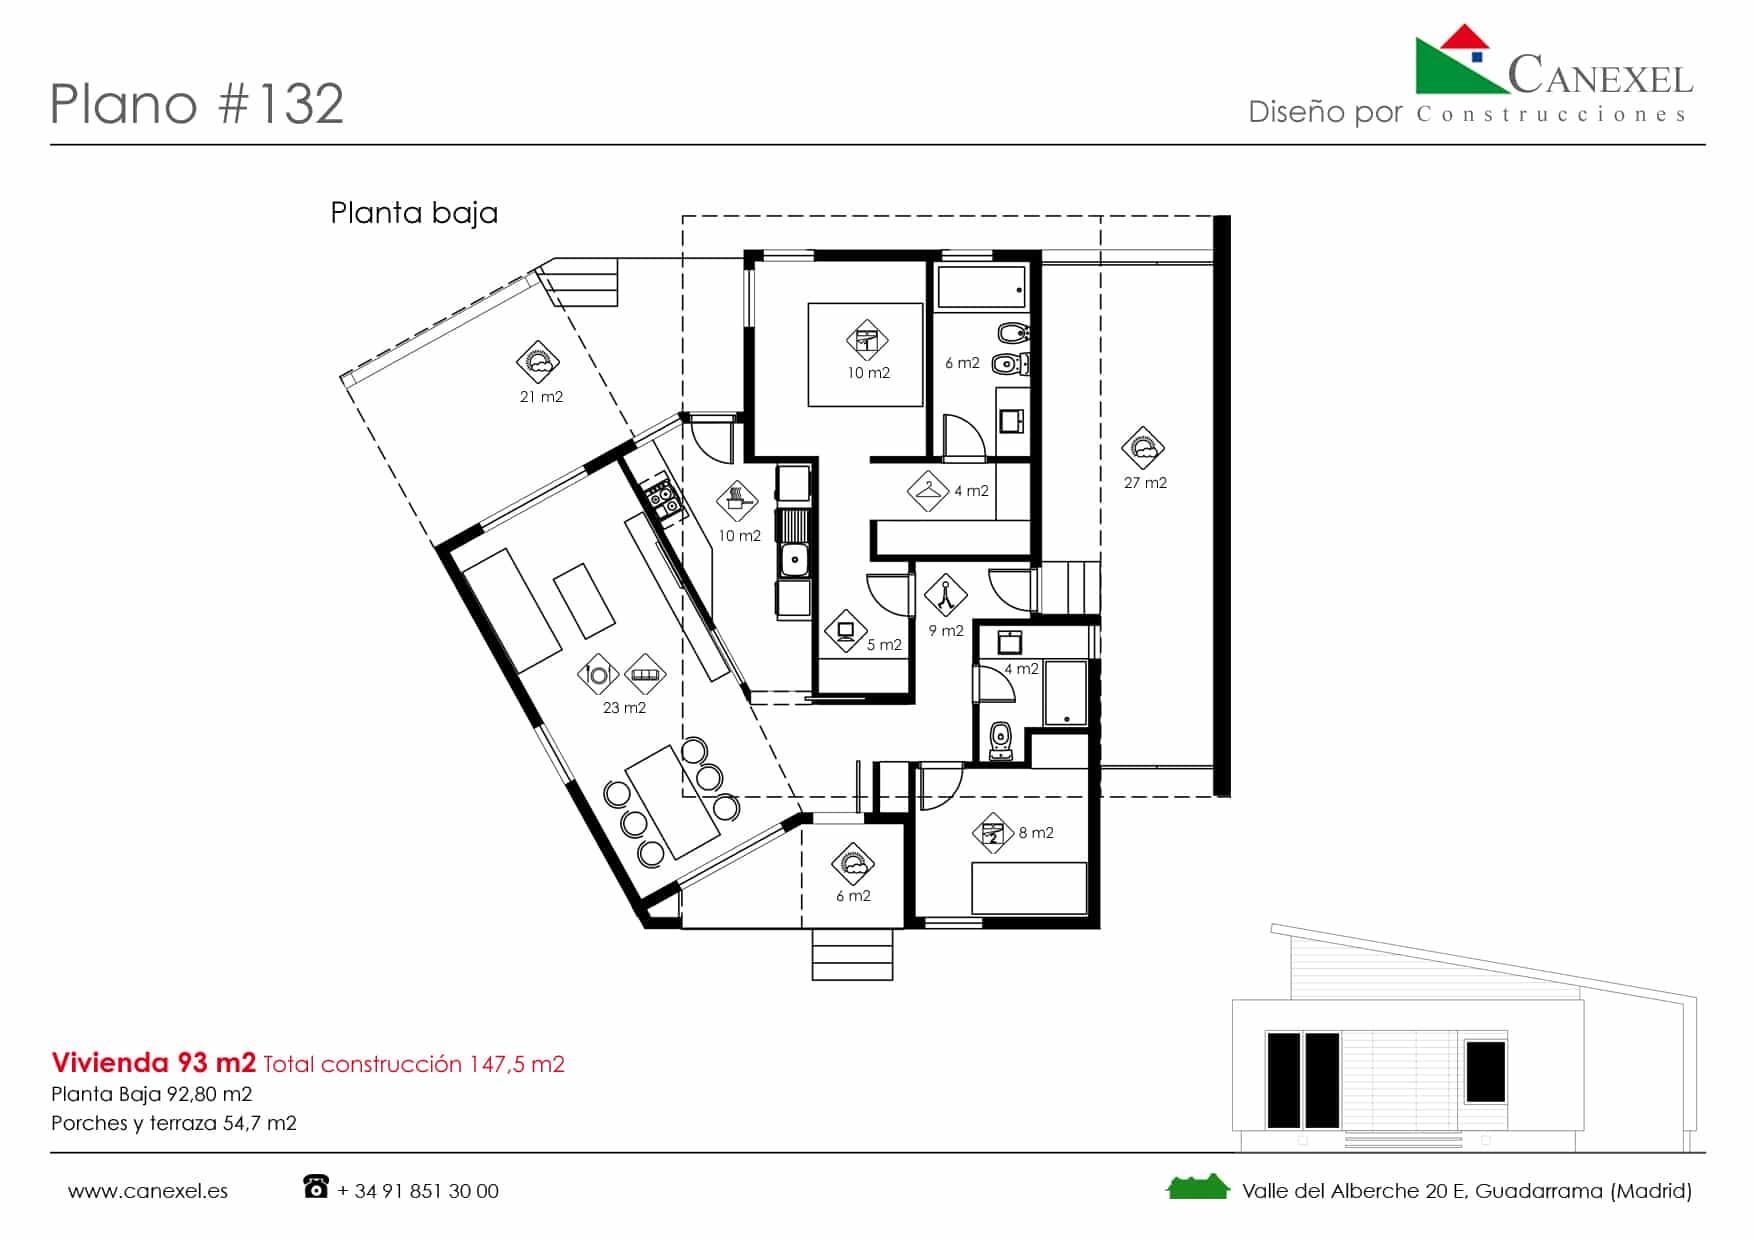 Planos de casas de una planta canexel - Planos de casas de planta baja ...